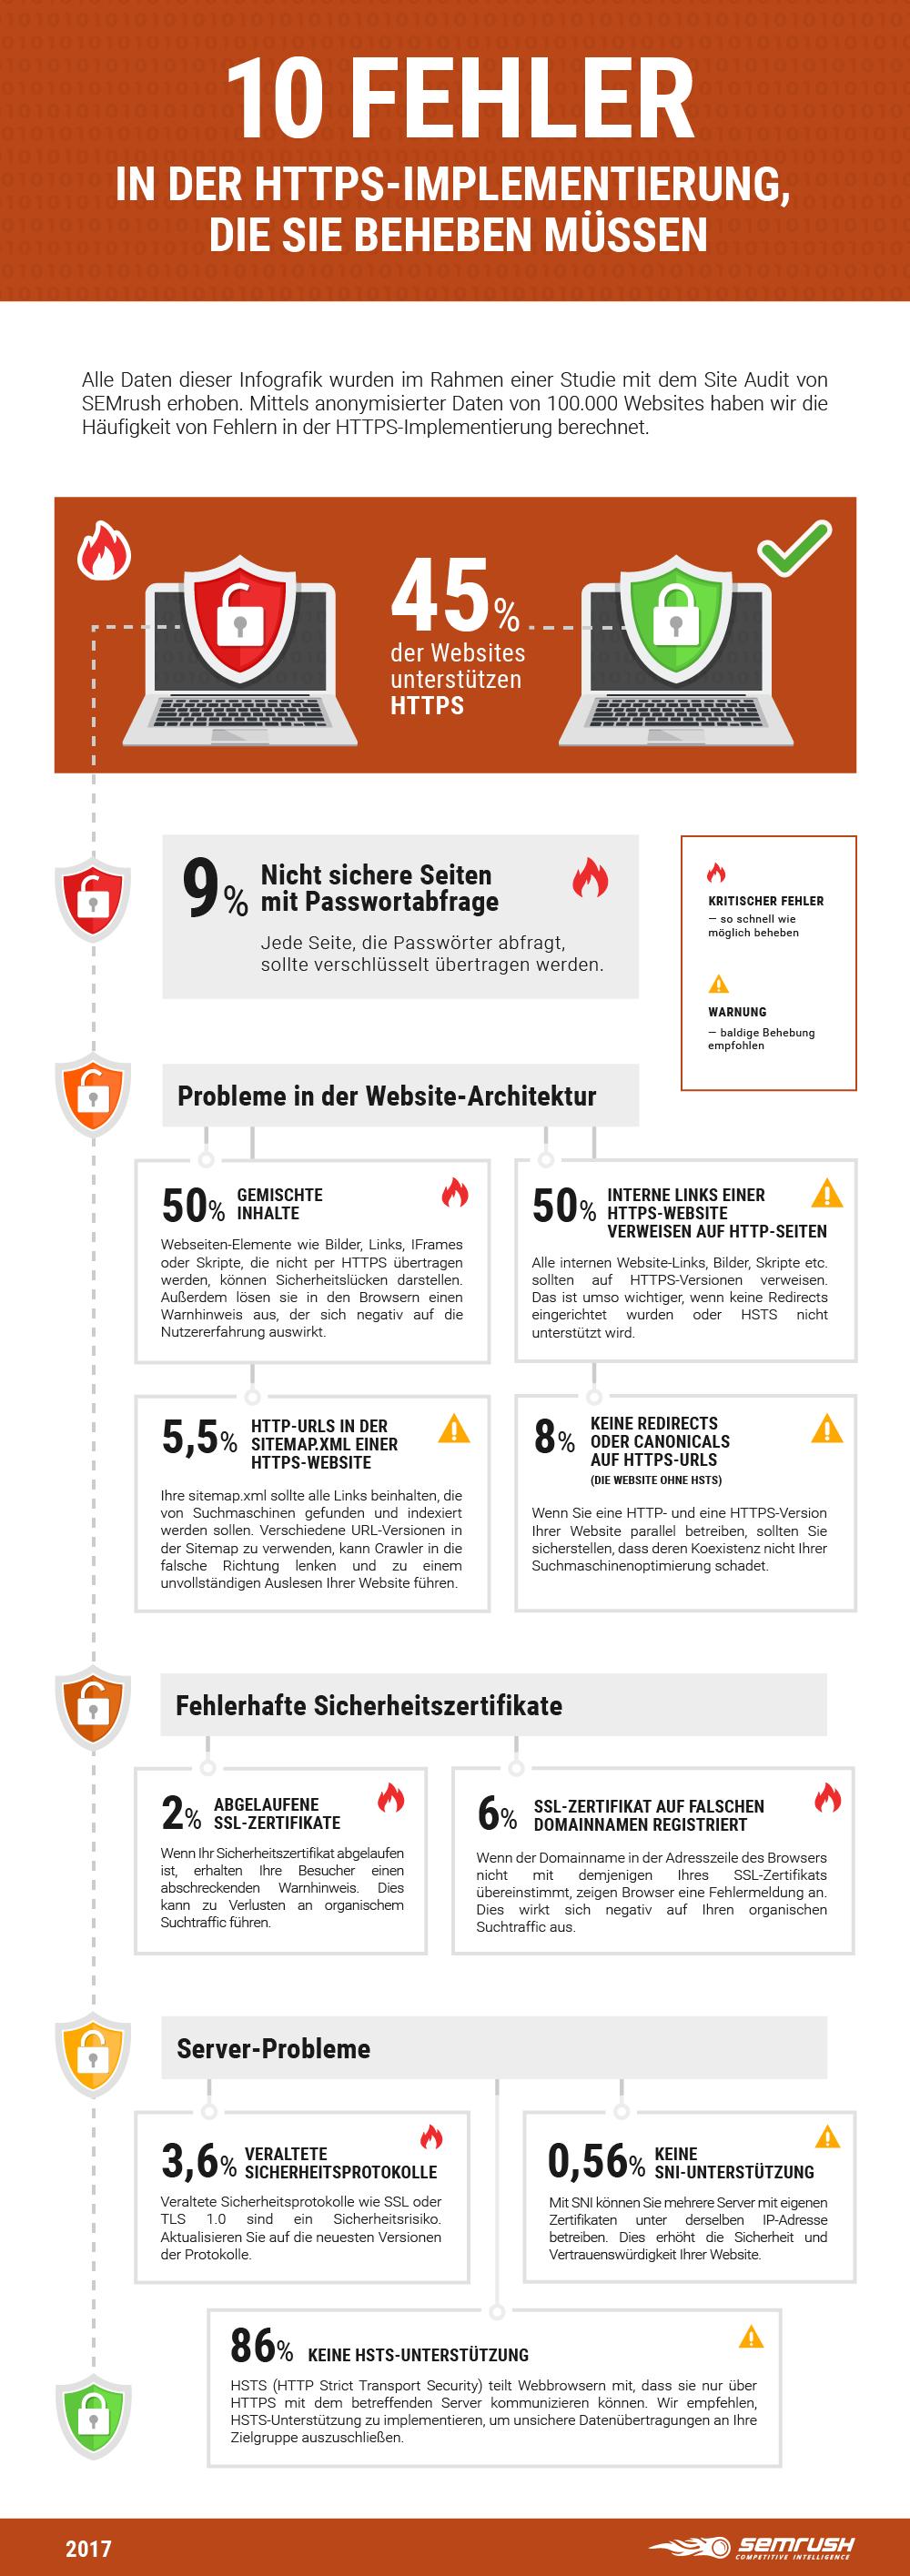 Die 10 häufigsten Fehler bei der HTTPS-Implementierung: SEMrush-Studie. Bild 0